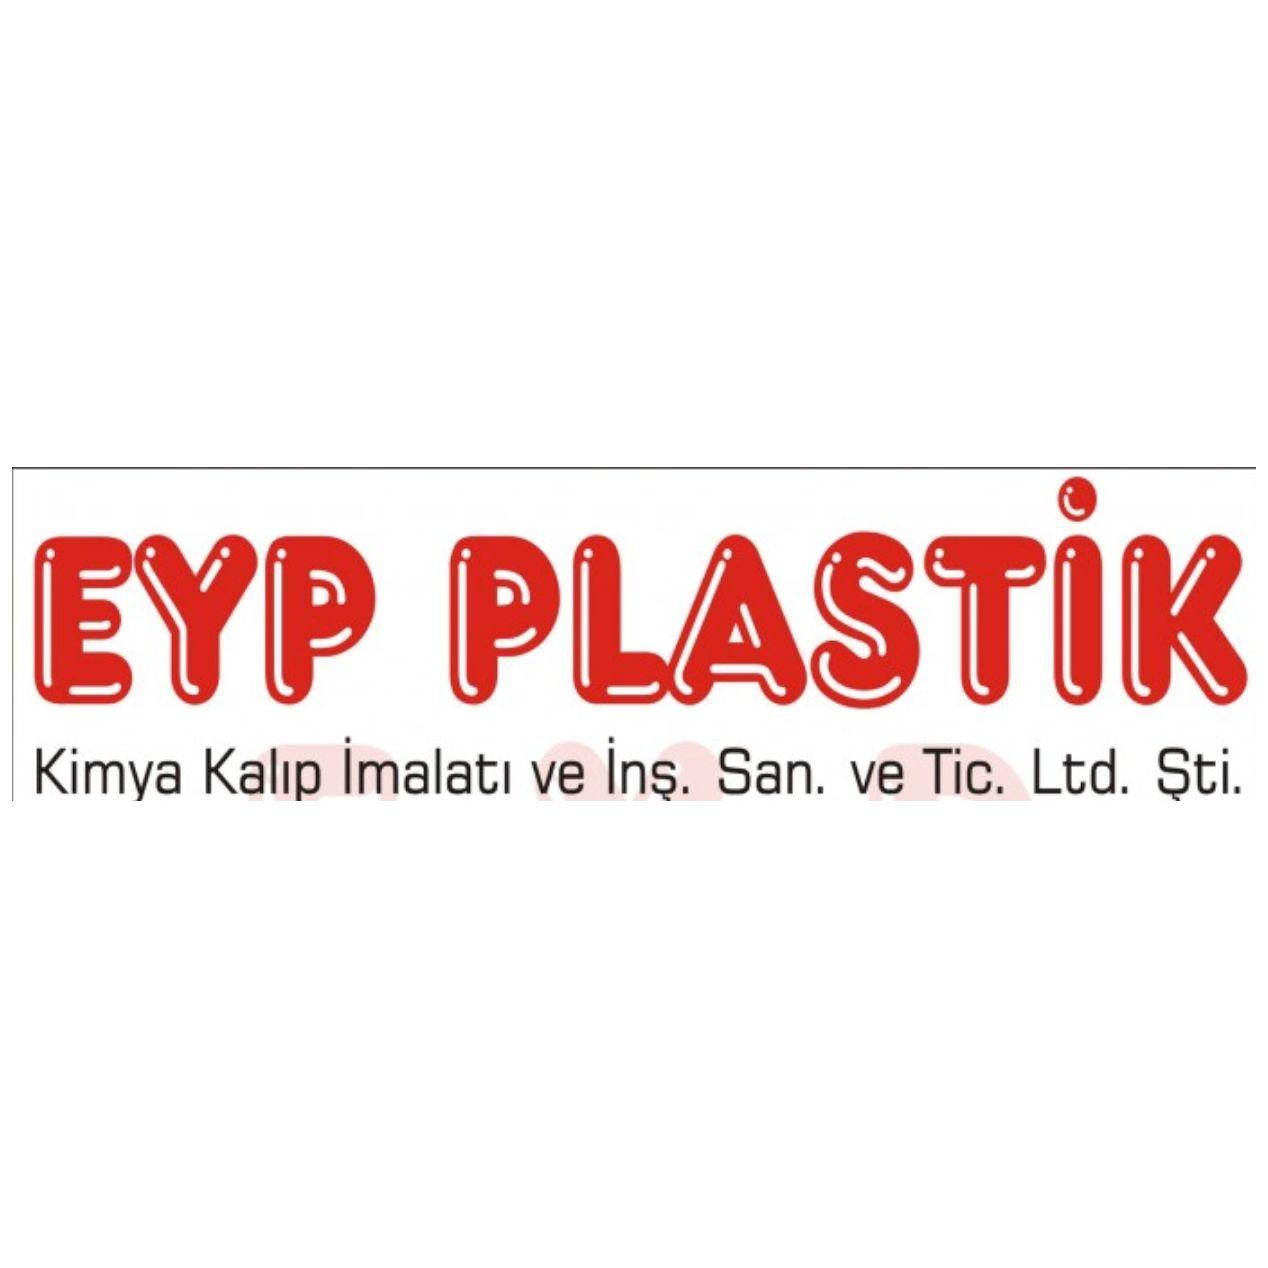 Eyp Plastik Kimya Kalıp İmalatı ve İnş. San. ve Tic. Ltd. Şti.